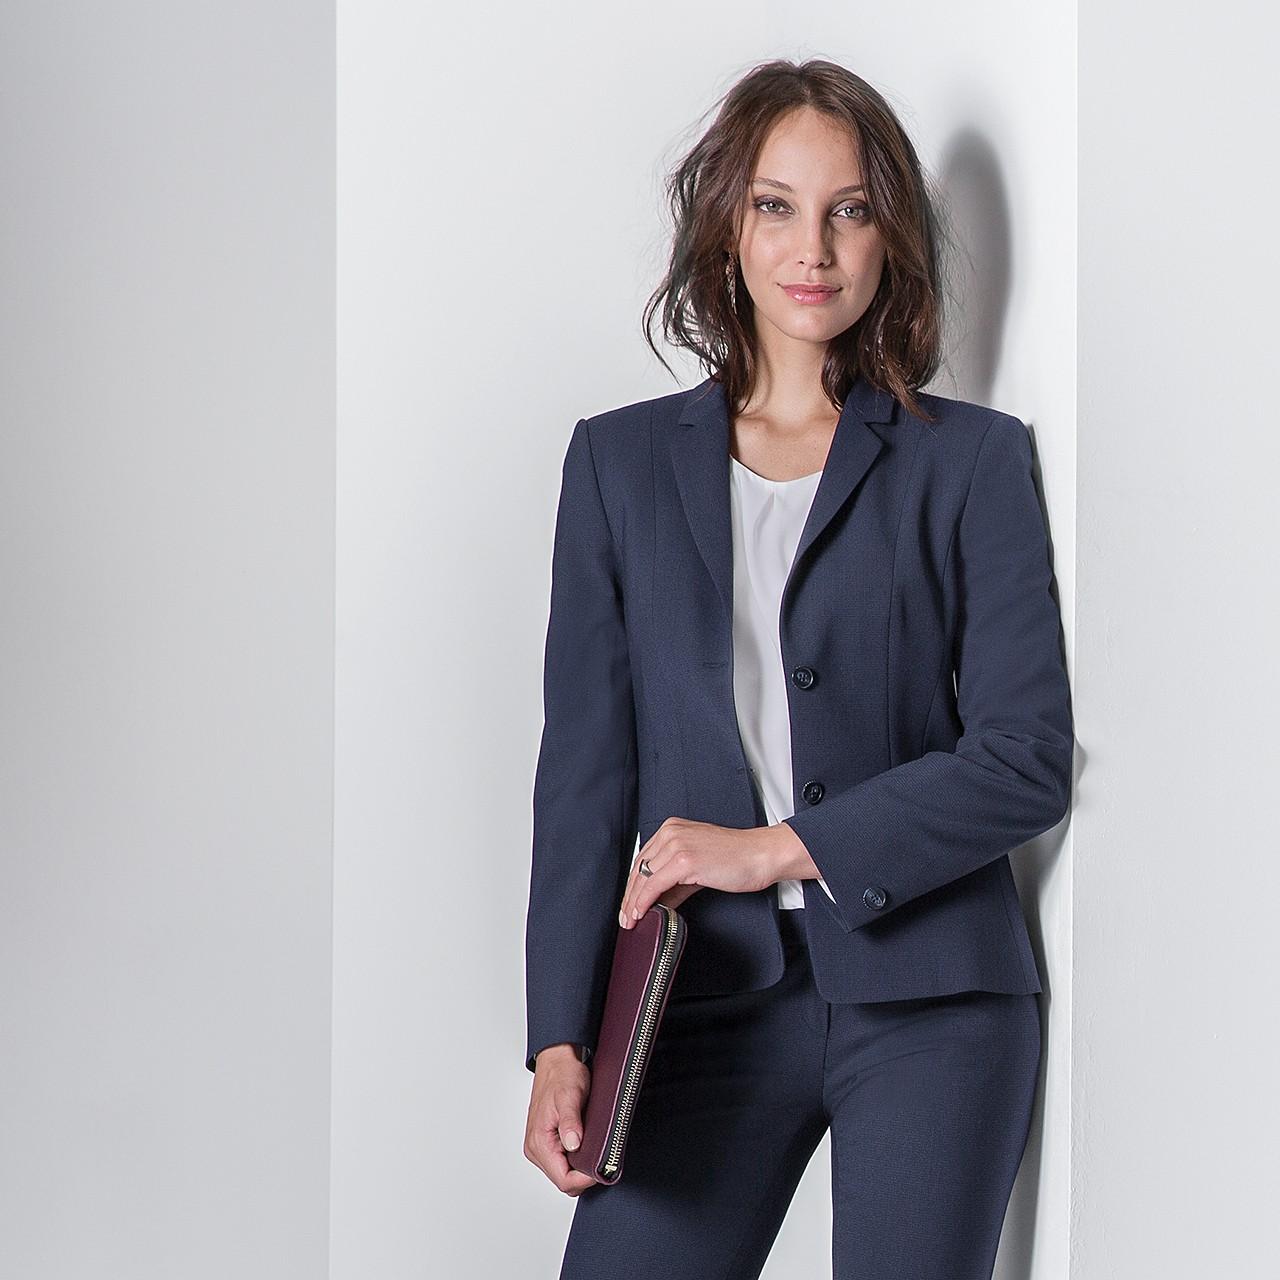 Premium Damen-Blazer Greiff® | bedrucken, besticken, bedrucken lassen, besticken lassen, mit Logo |